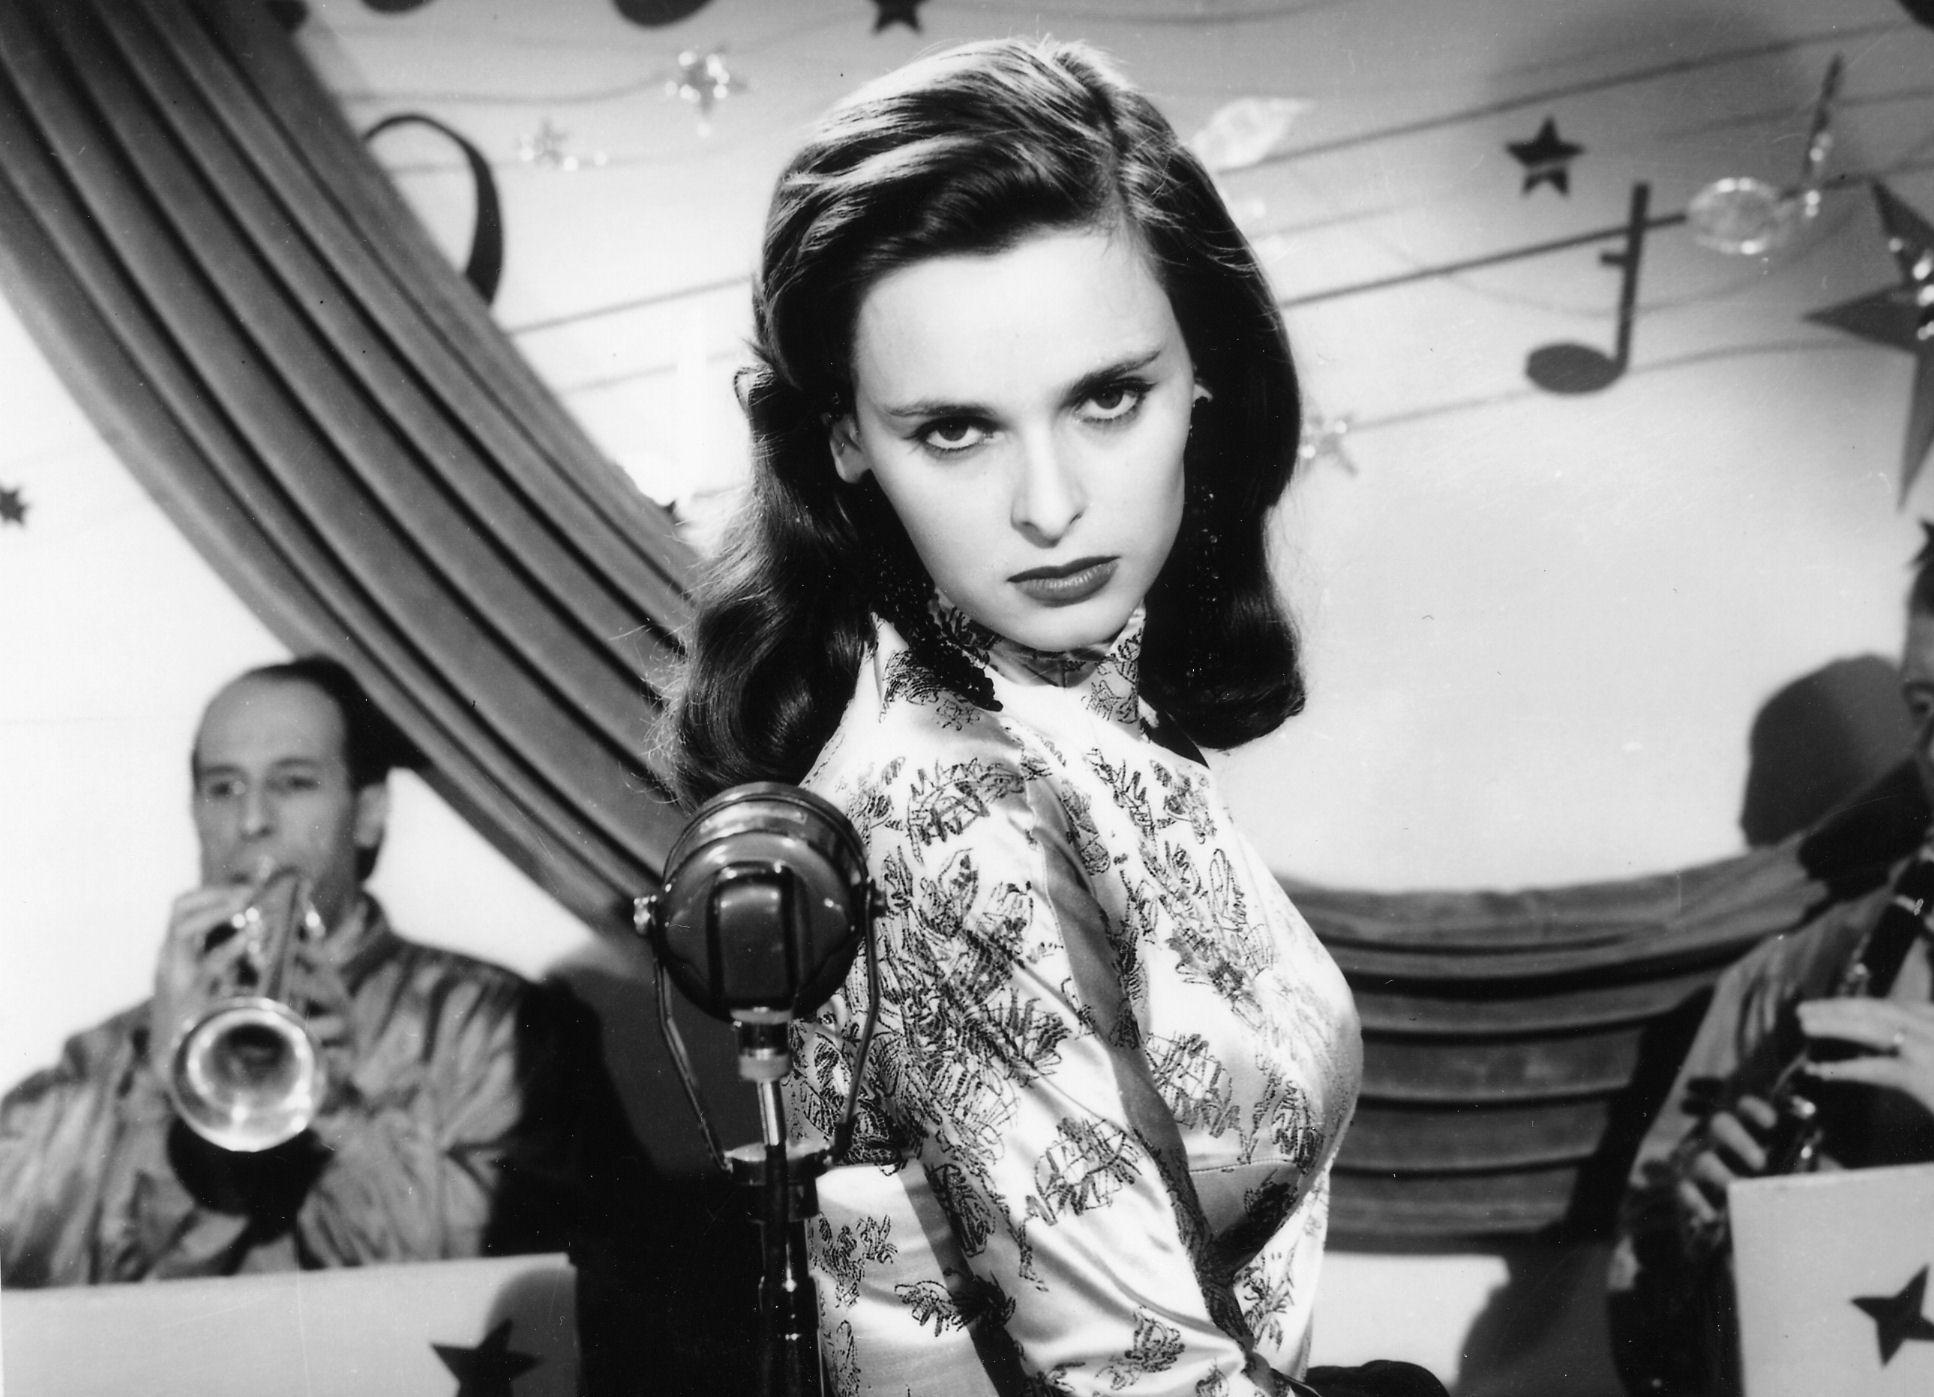 Lucia Bosè interpreta l'attrice Clara Manni in La signora senza camelie di Michelangelo Antonioni, 1953